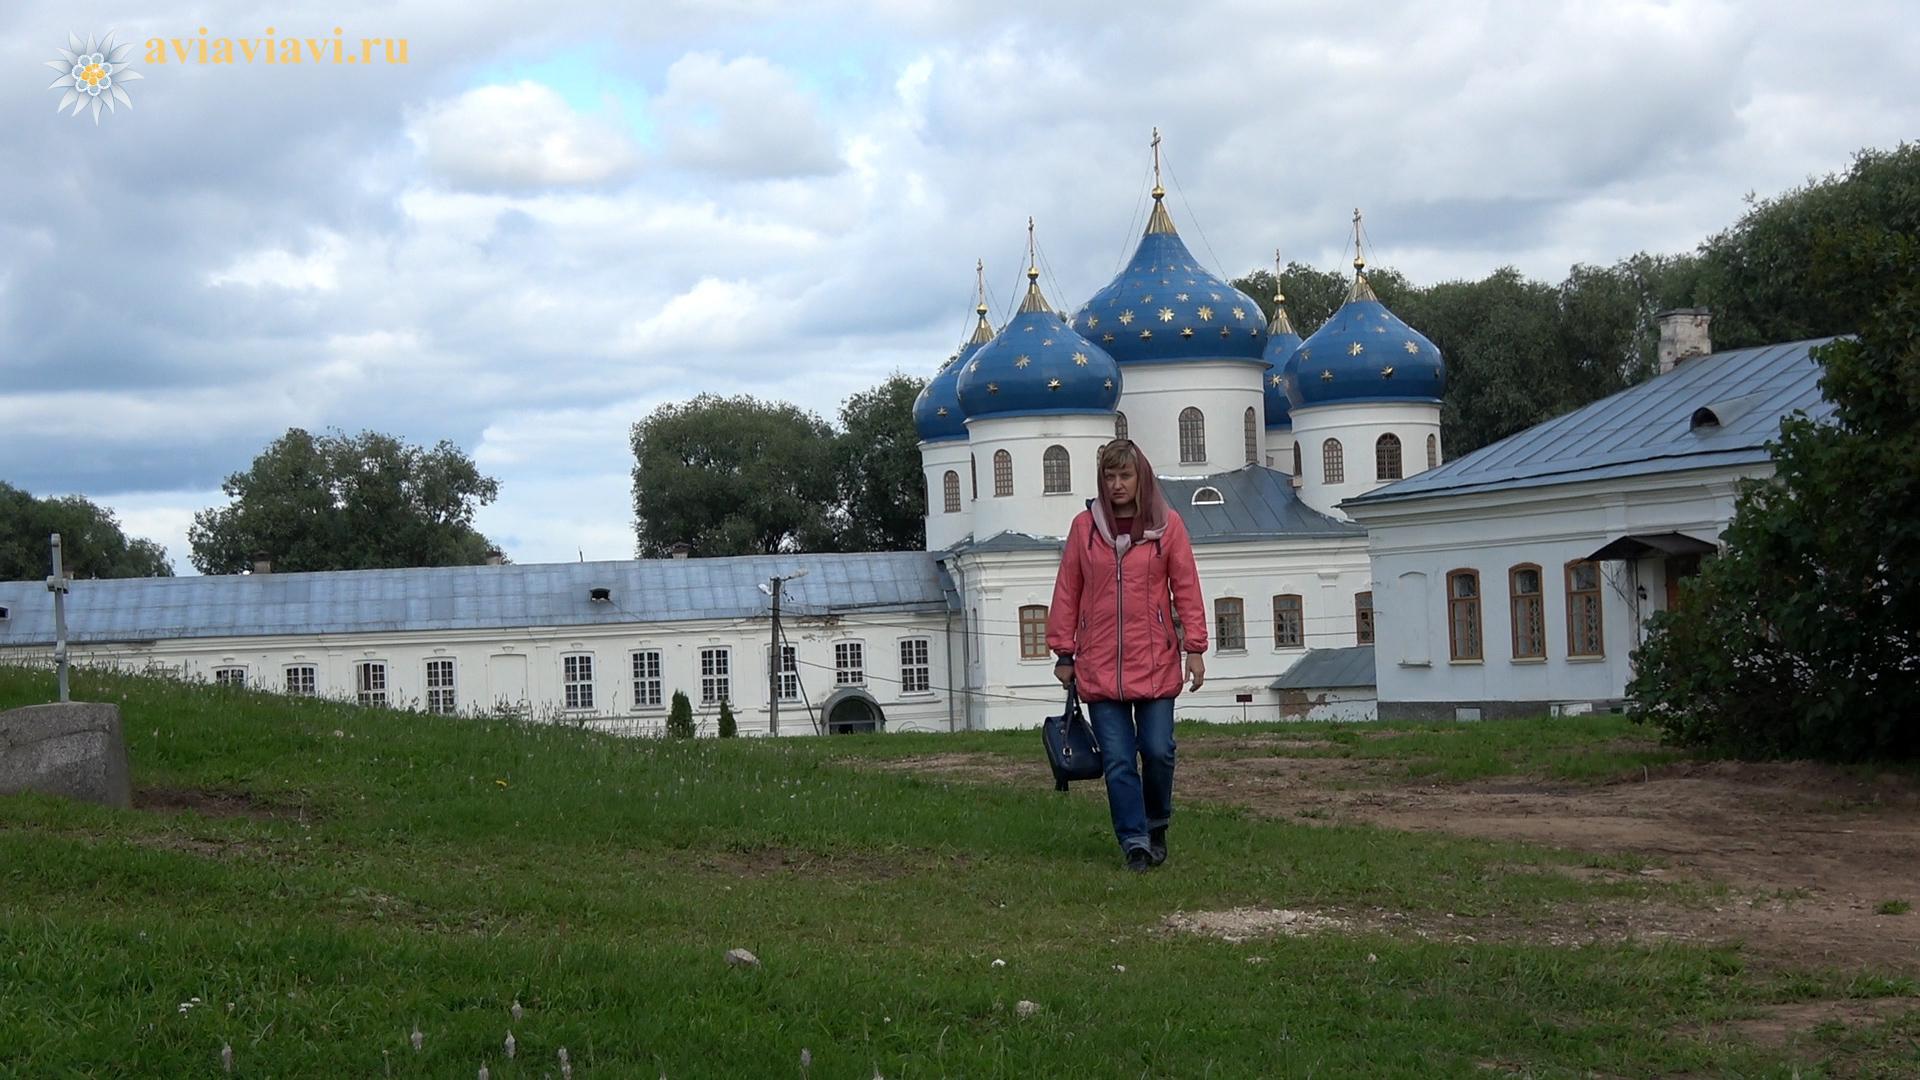 Крестовоздвиженский собор в Великом Новгороде